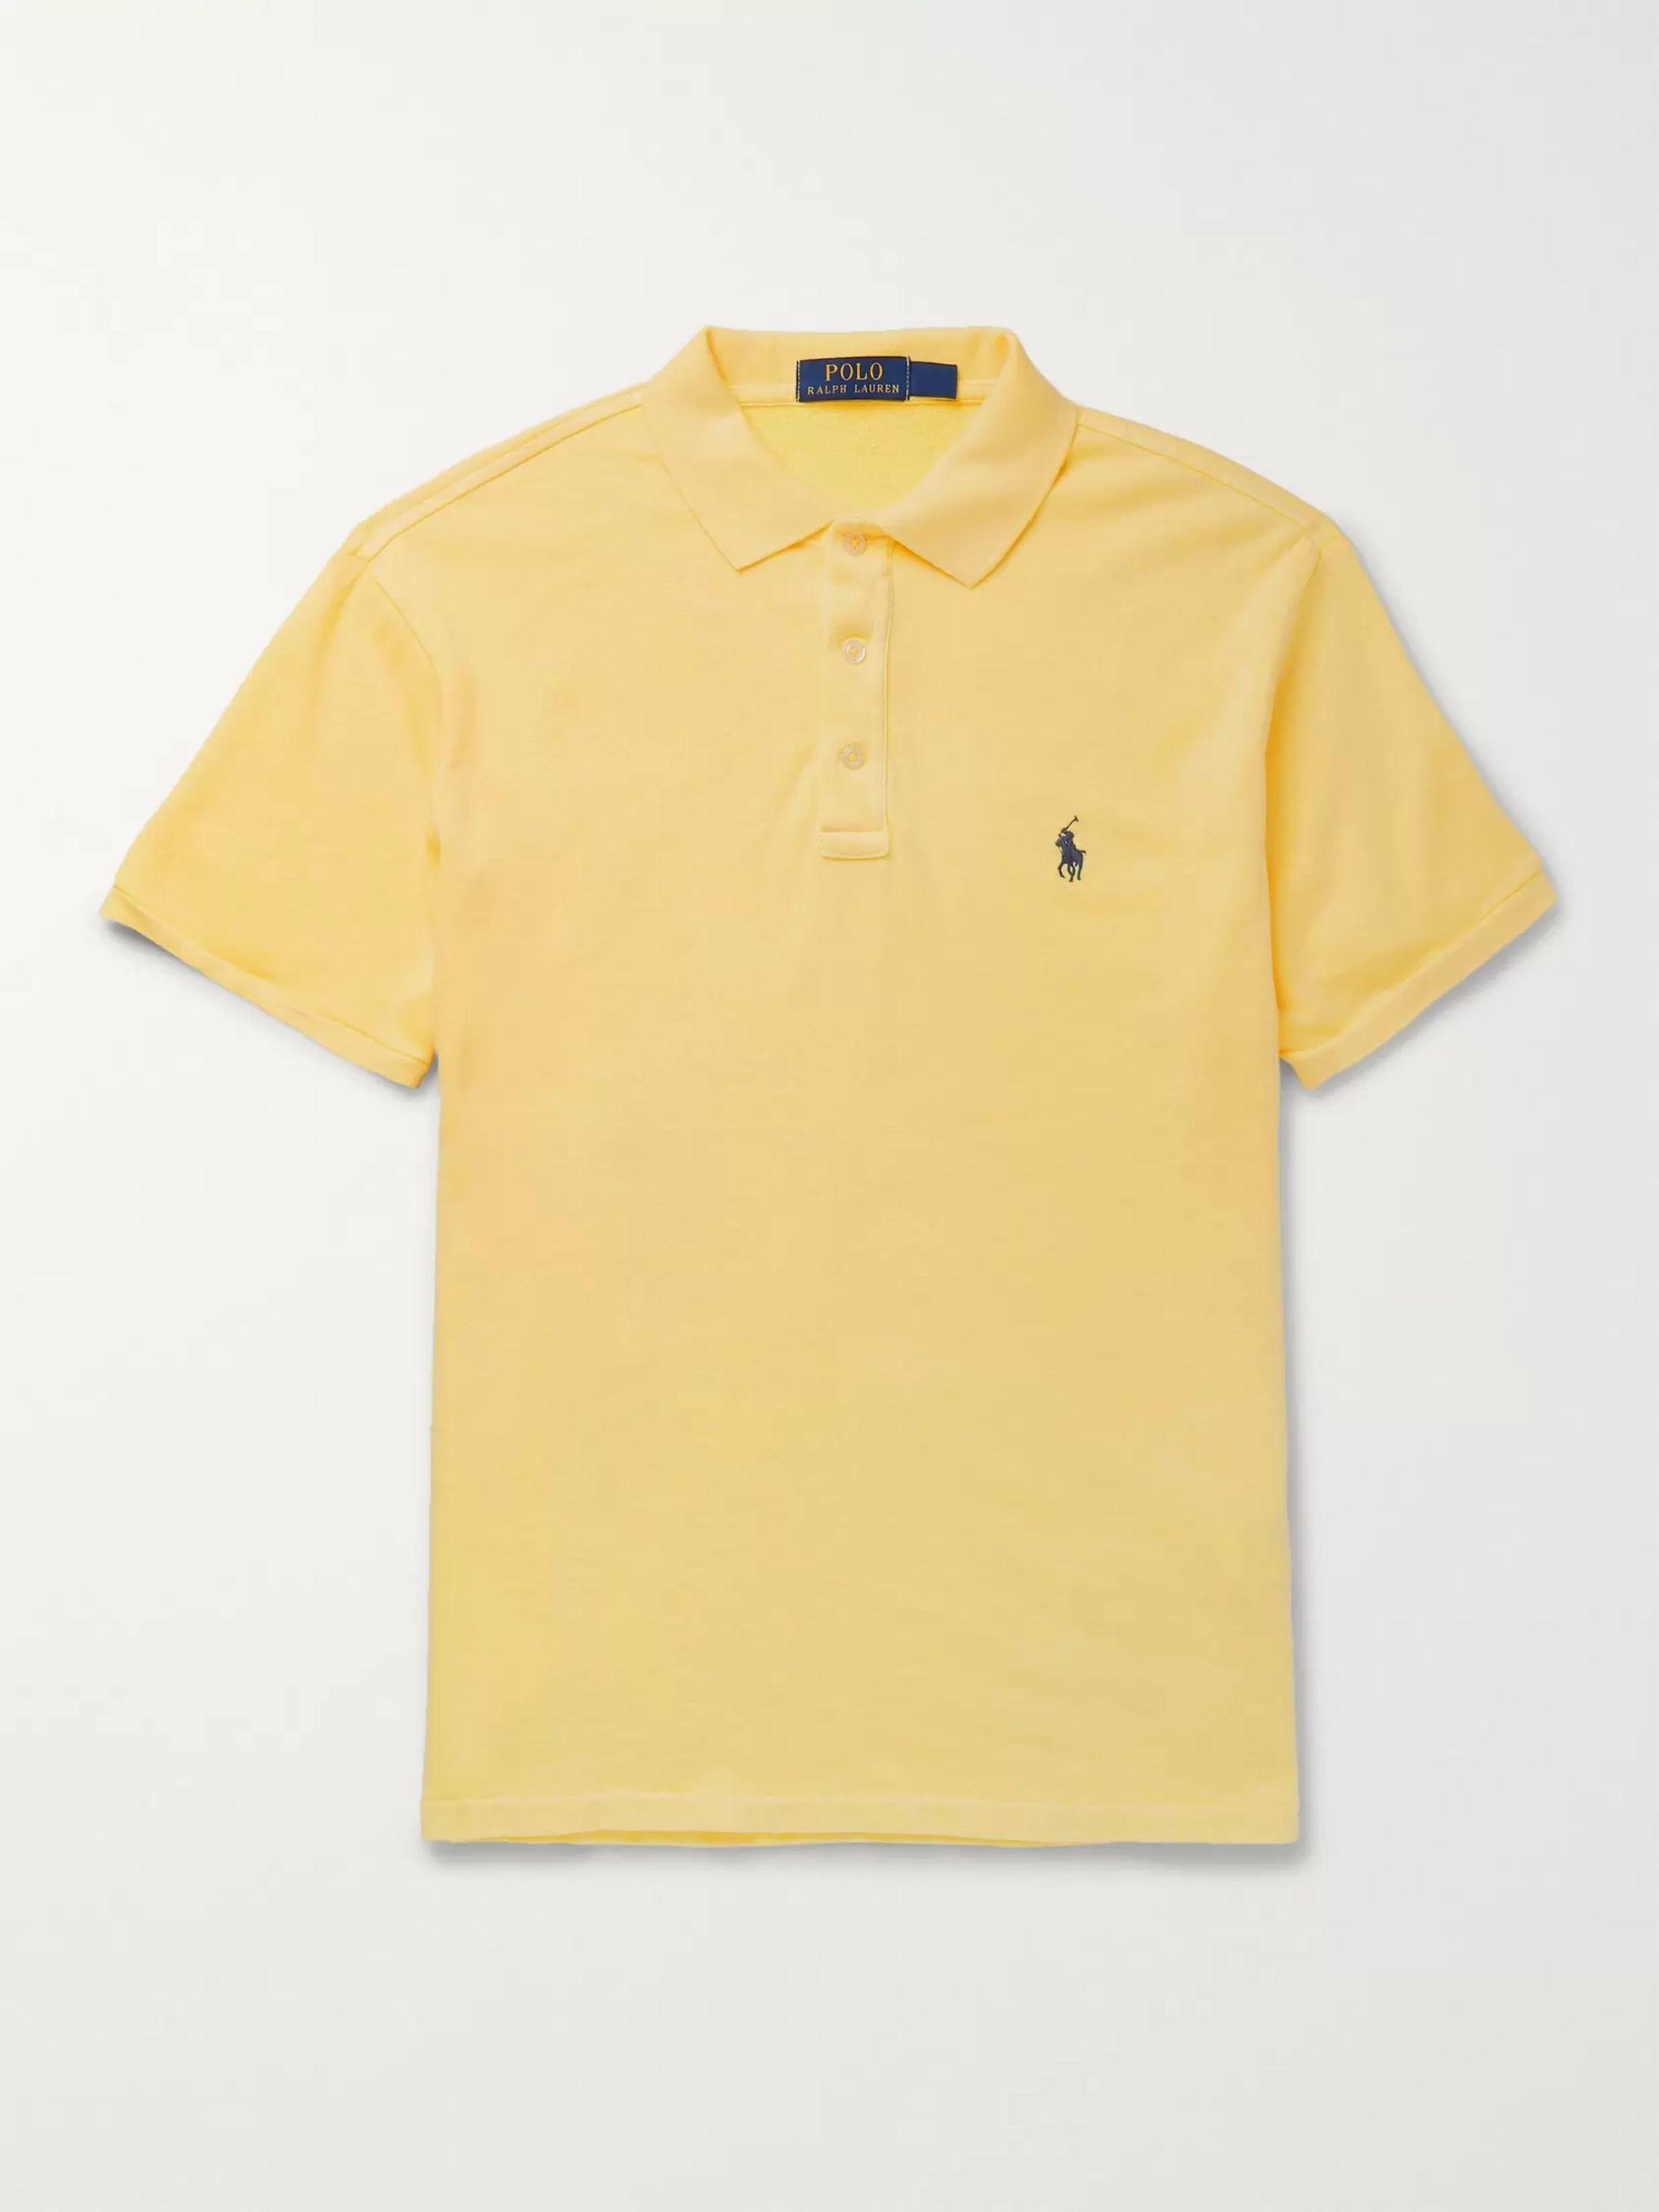 yellow ralph lauren polo shirt